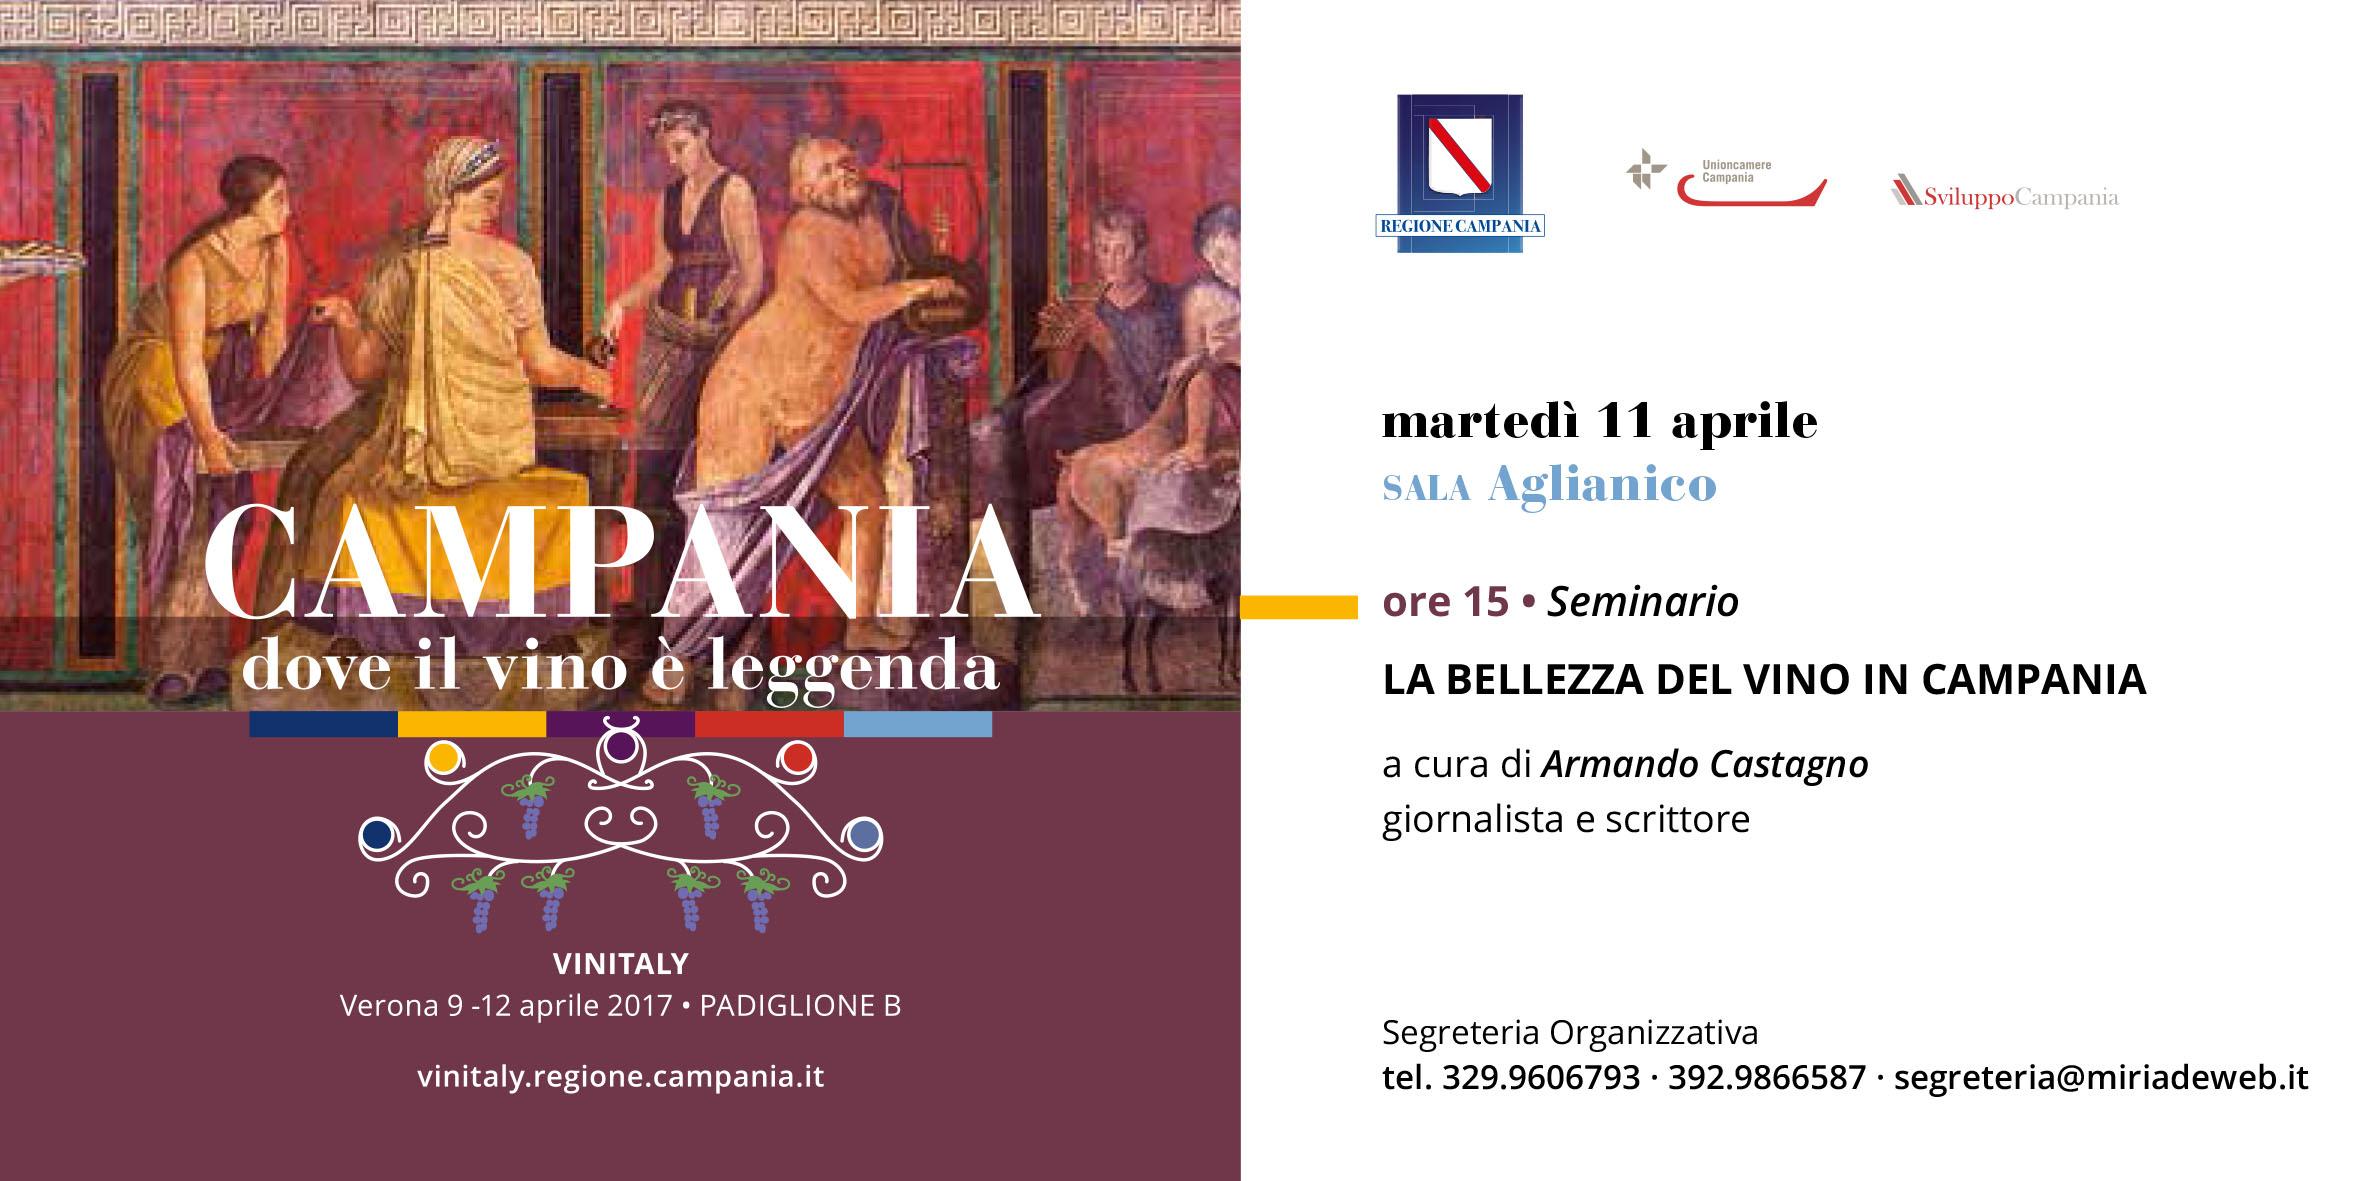 VINITALY invito seminario Castagno